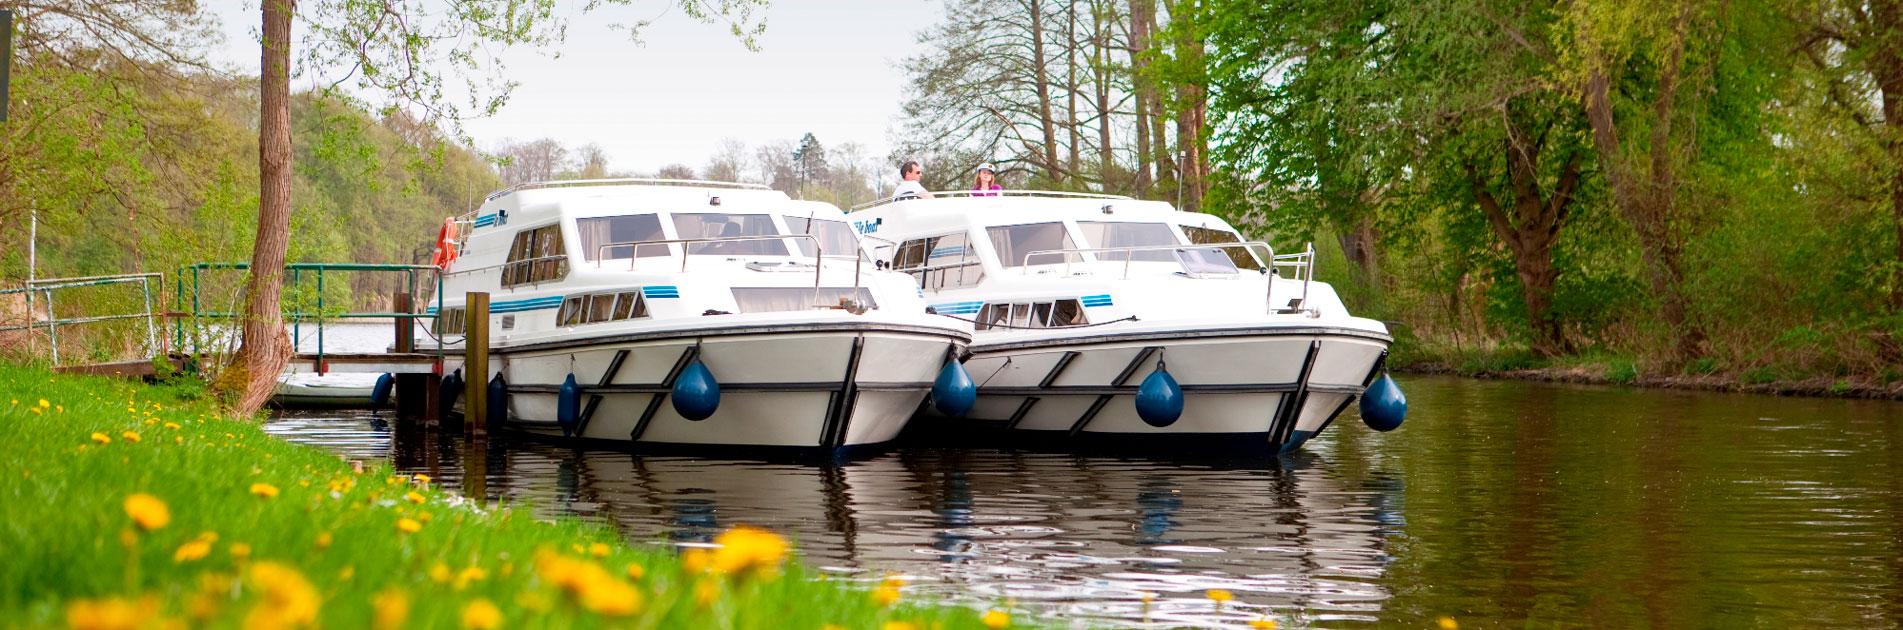 Flodbåde i Mecklenburg